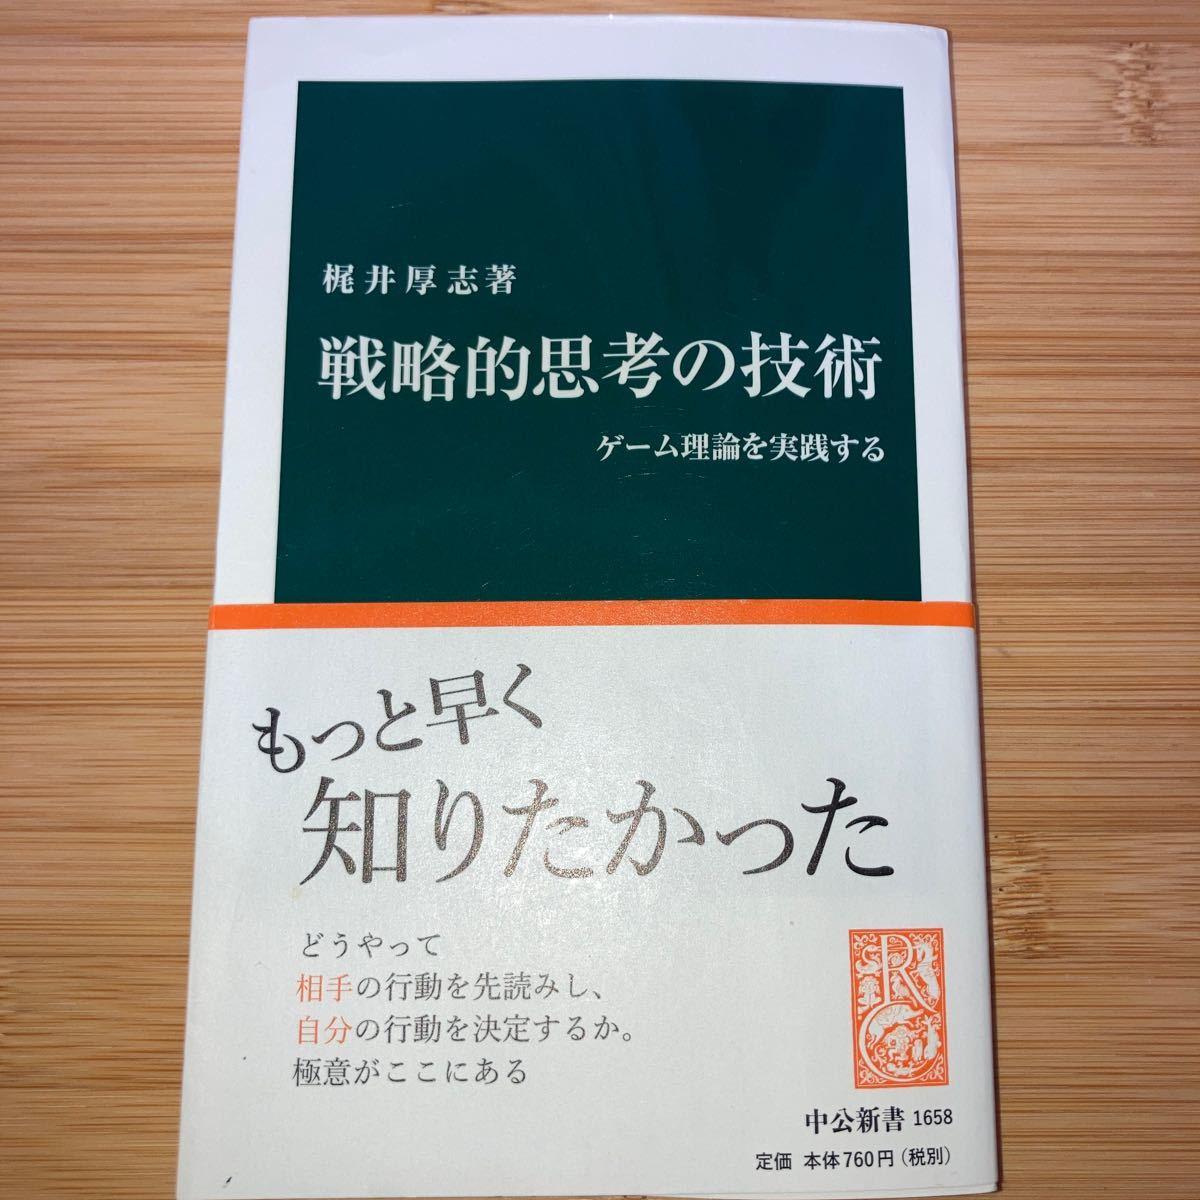 戦略的思考の技術 ゲーム理論を実践する/梶井厚志